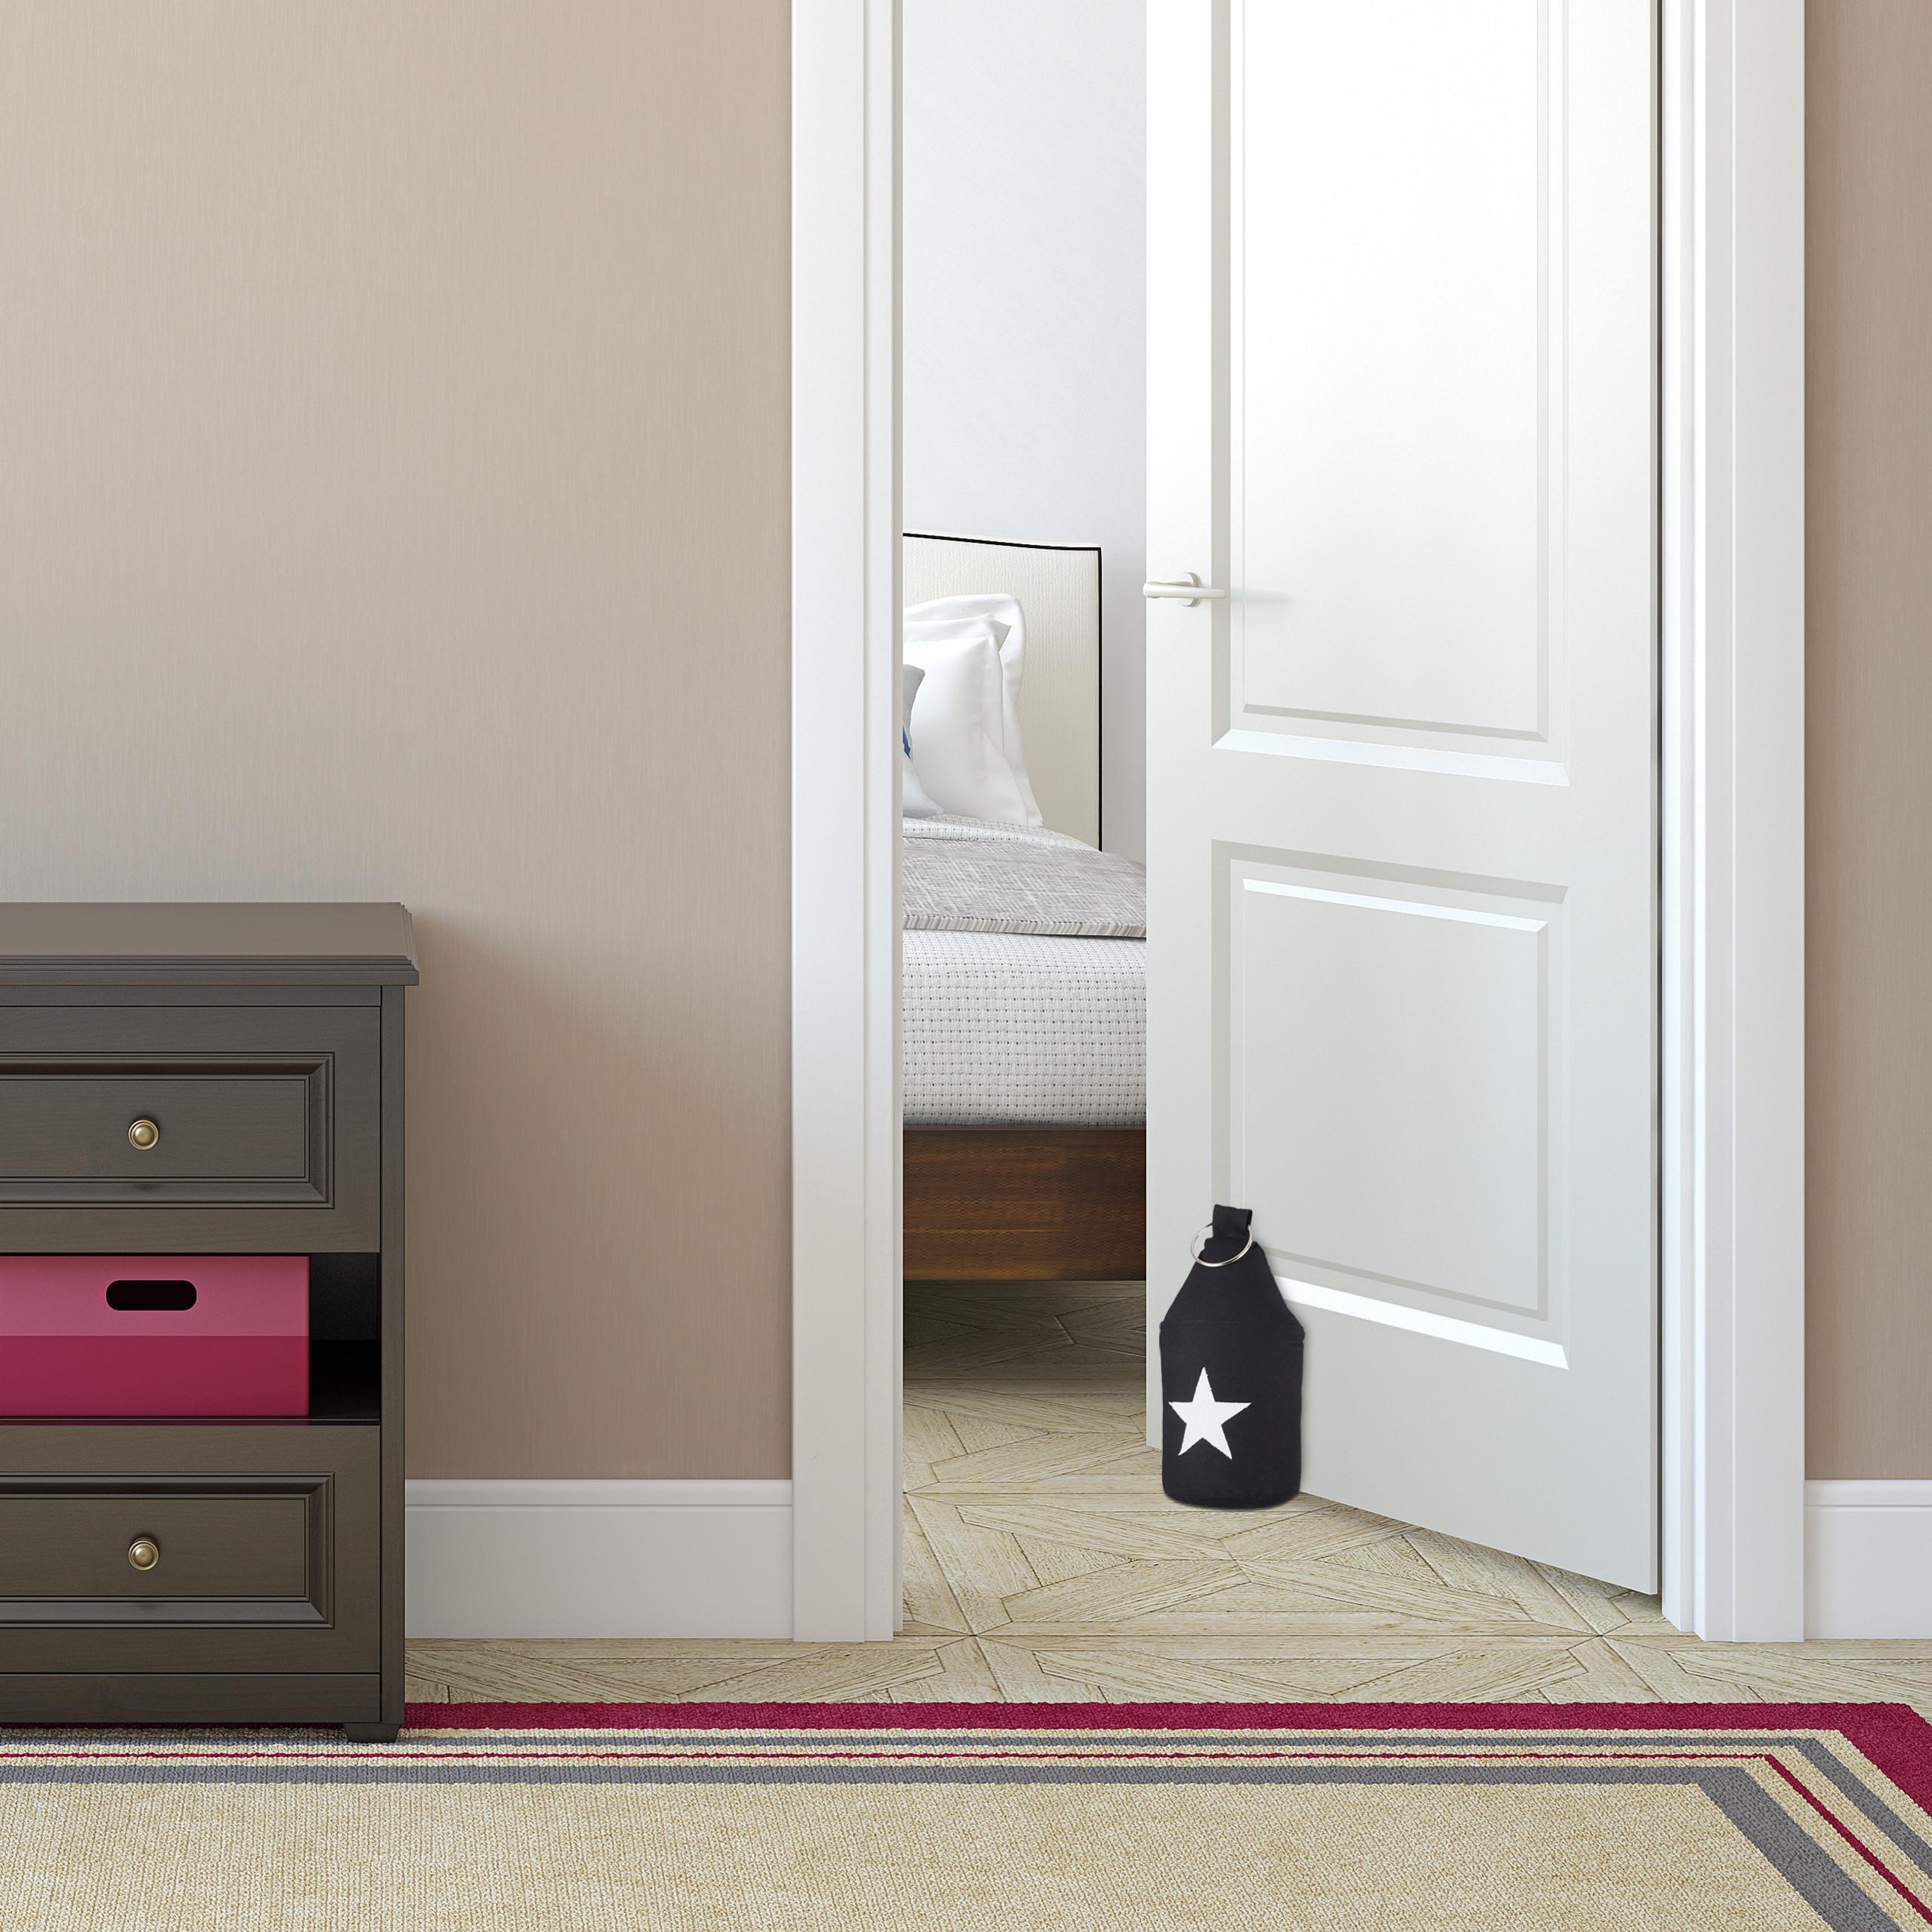 Door-Stop-with-Star-Fabric-Bumper-Floor-Doorstop-Tall-with-Handle-Chic thumbnail 4